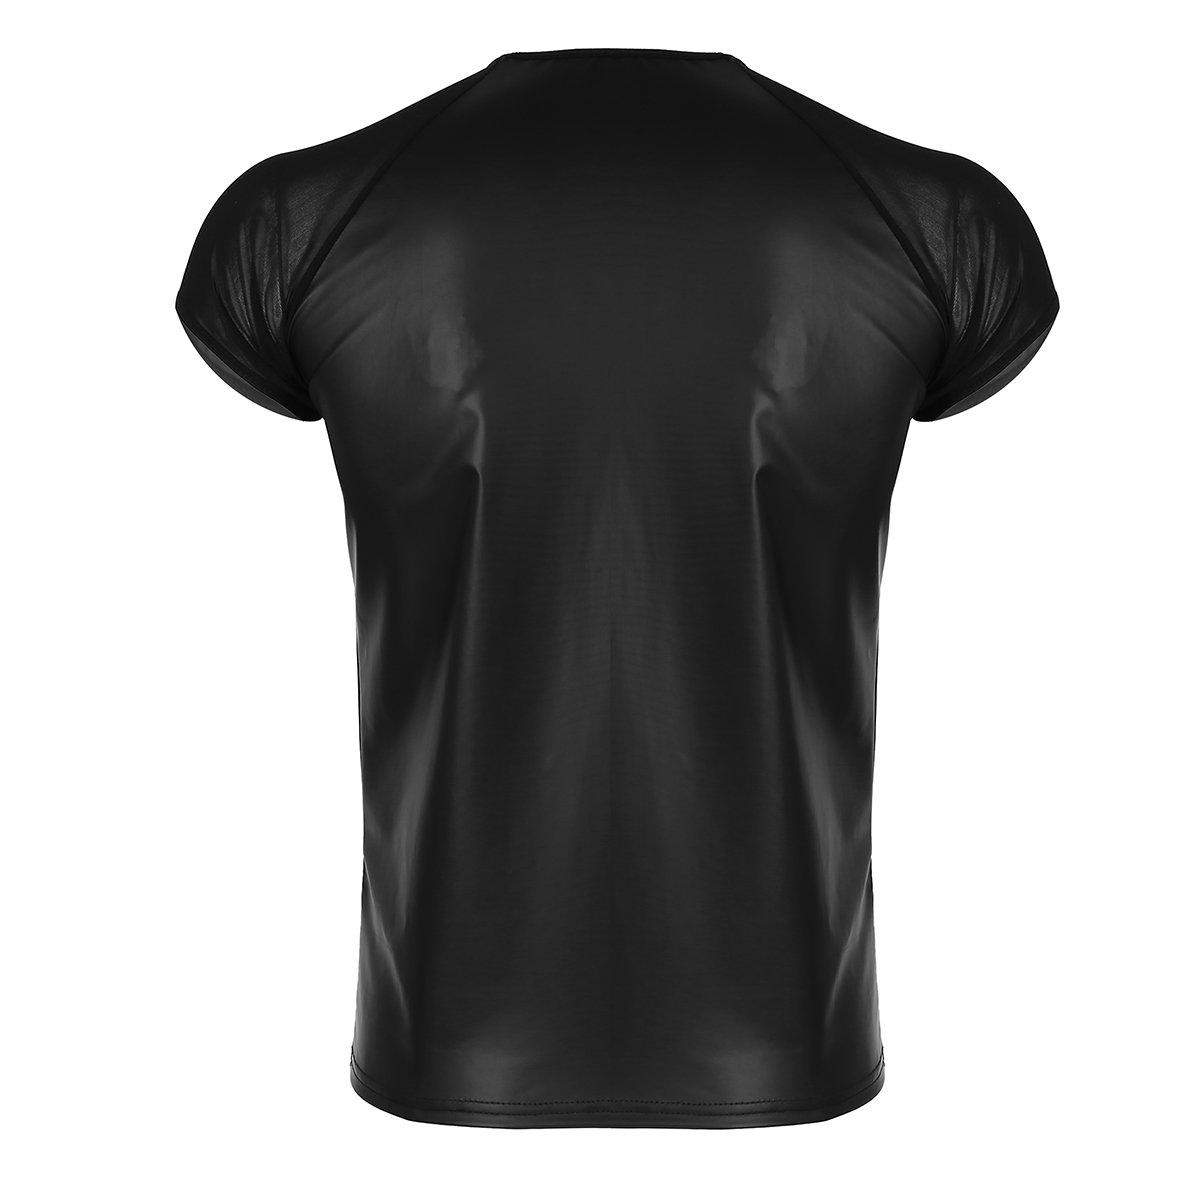 e236158ca8ca iiniim Herren Slim Fit Shirt Mesh T-Shirt Tops Unterwäsche Reizwäsche M L XL  XXL  Amazon.de  Bekleidung